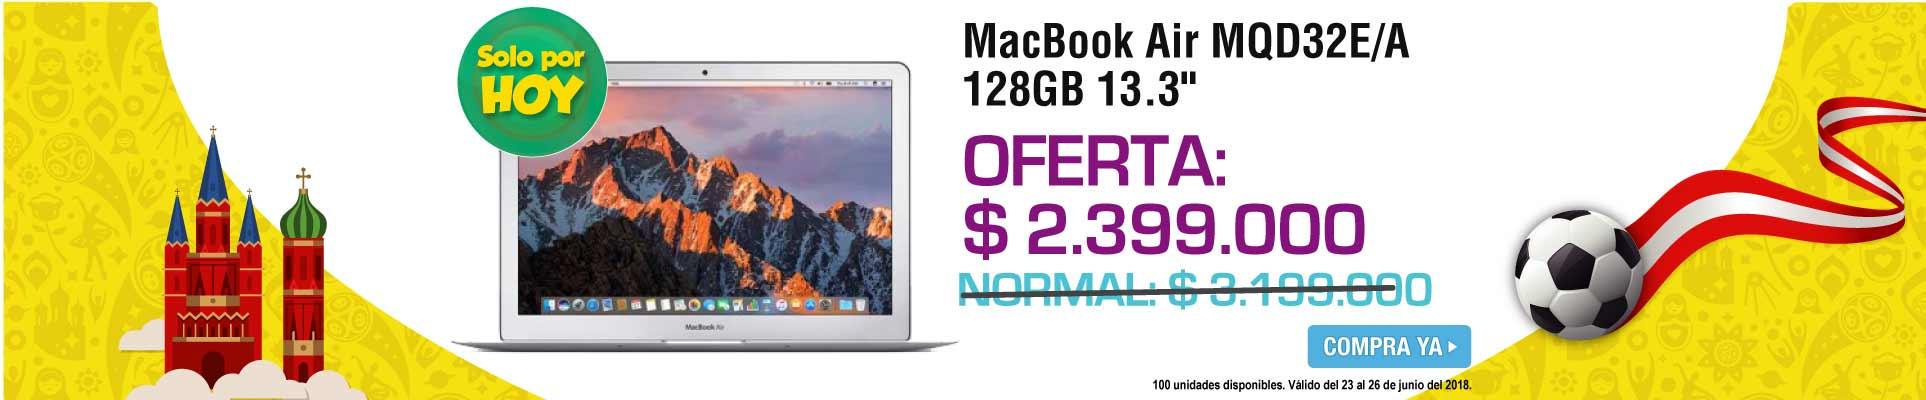 PPAL ALKP-1-computadores-MacBook Air MQD32E/A 128GB 13.3